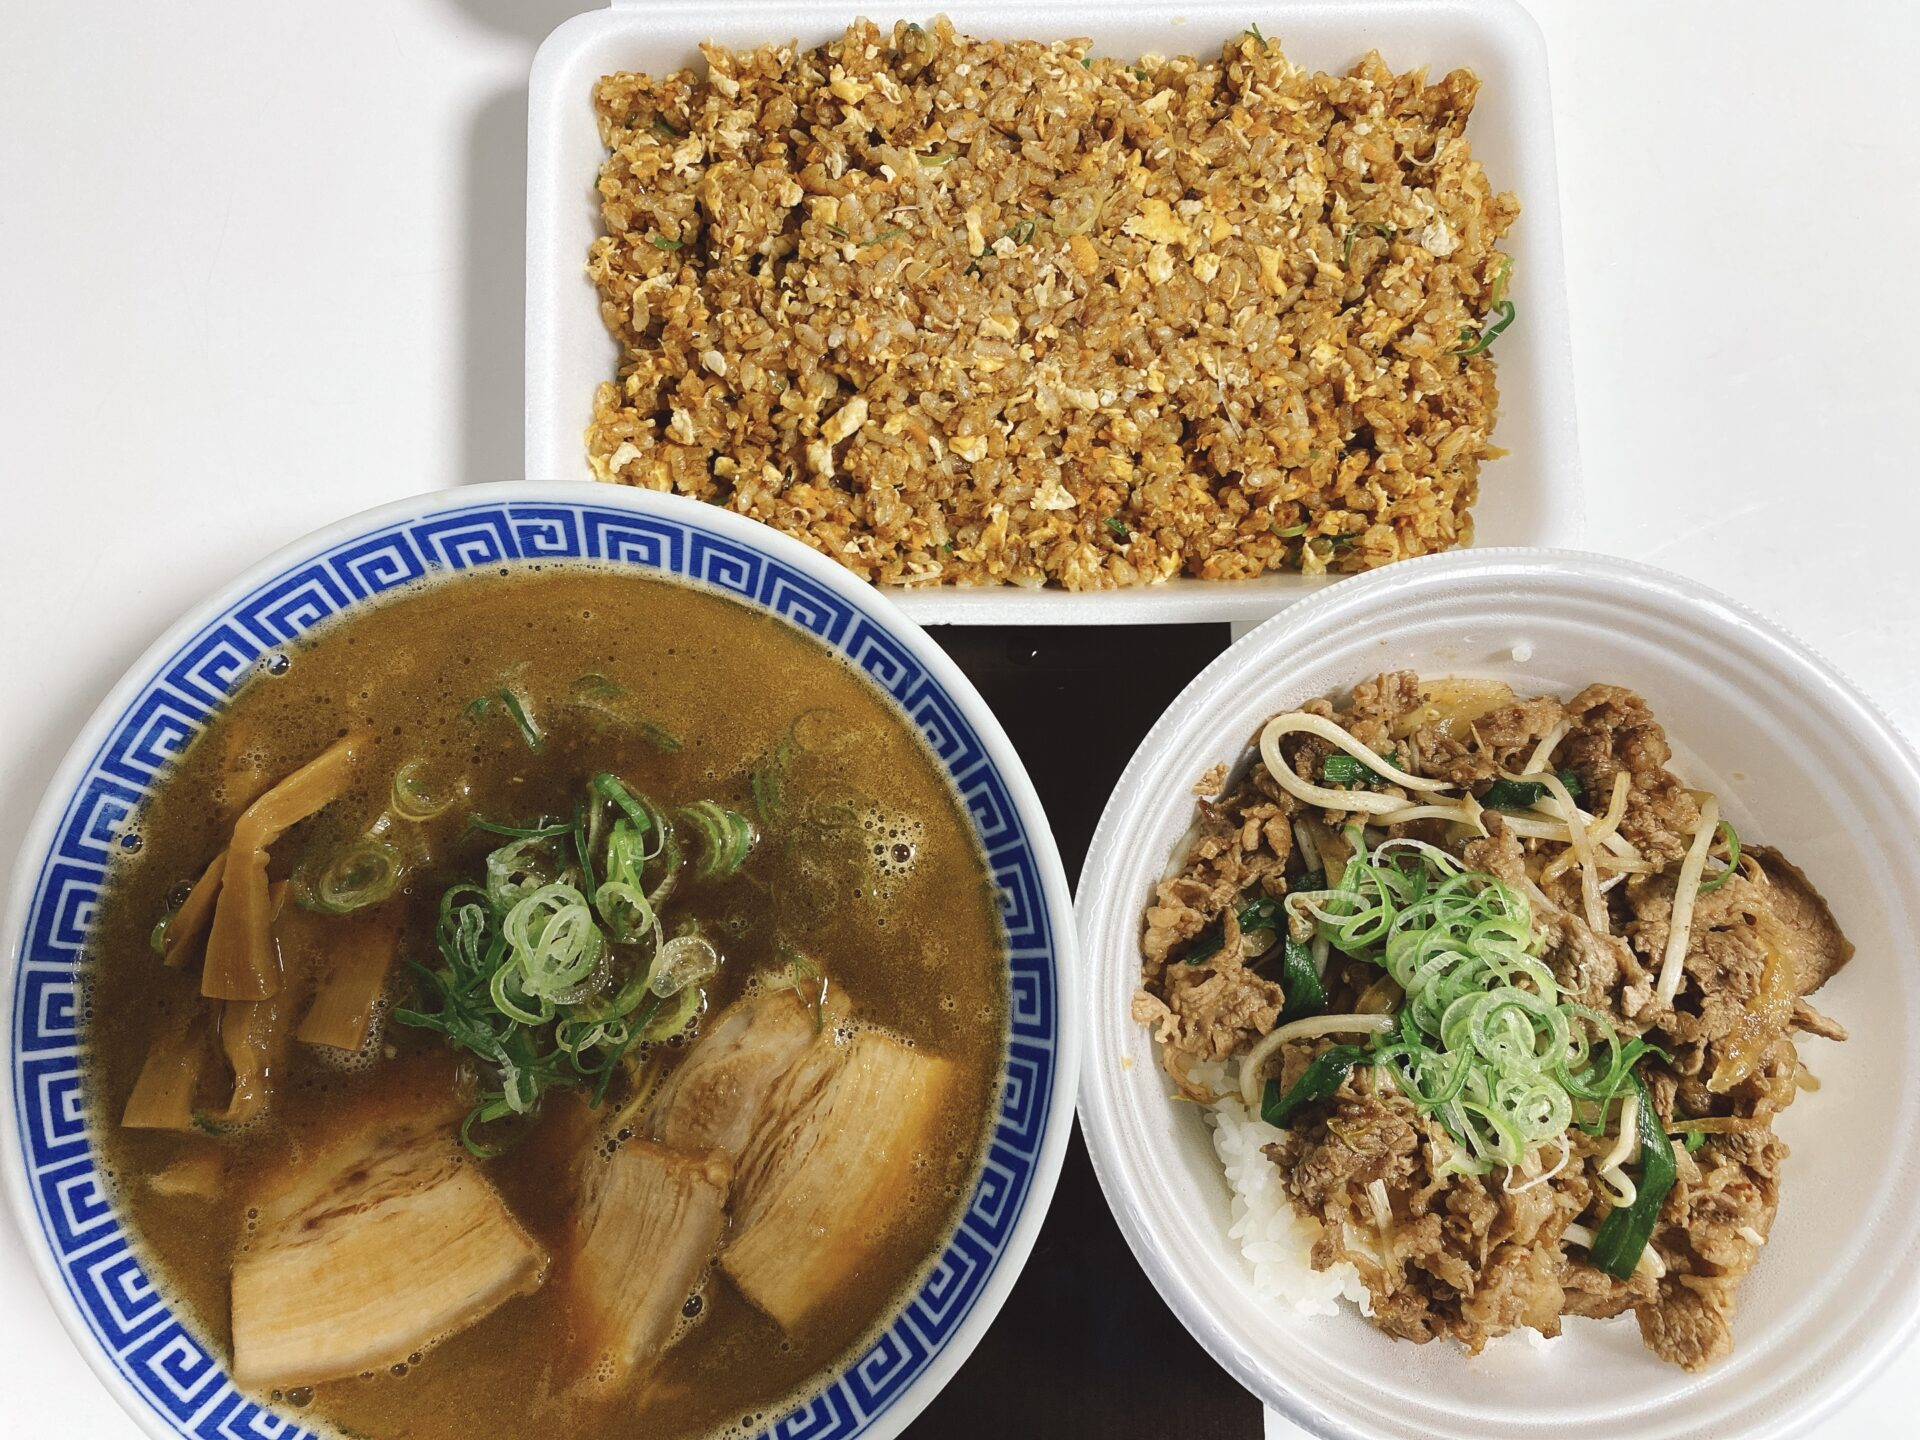 【岡山市中区のテイクアウト】拉麺食堂 一八(いっぱち)でラーメンとカルビ丼とチャーハンを持ち帰り!ヒルペコそのままで!